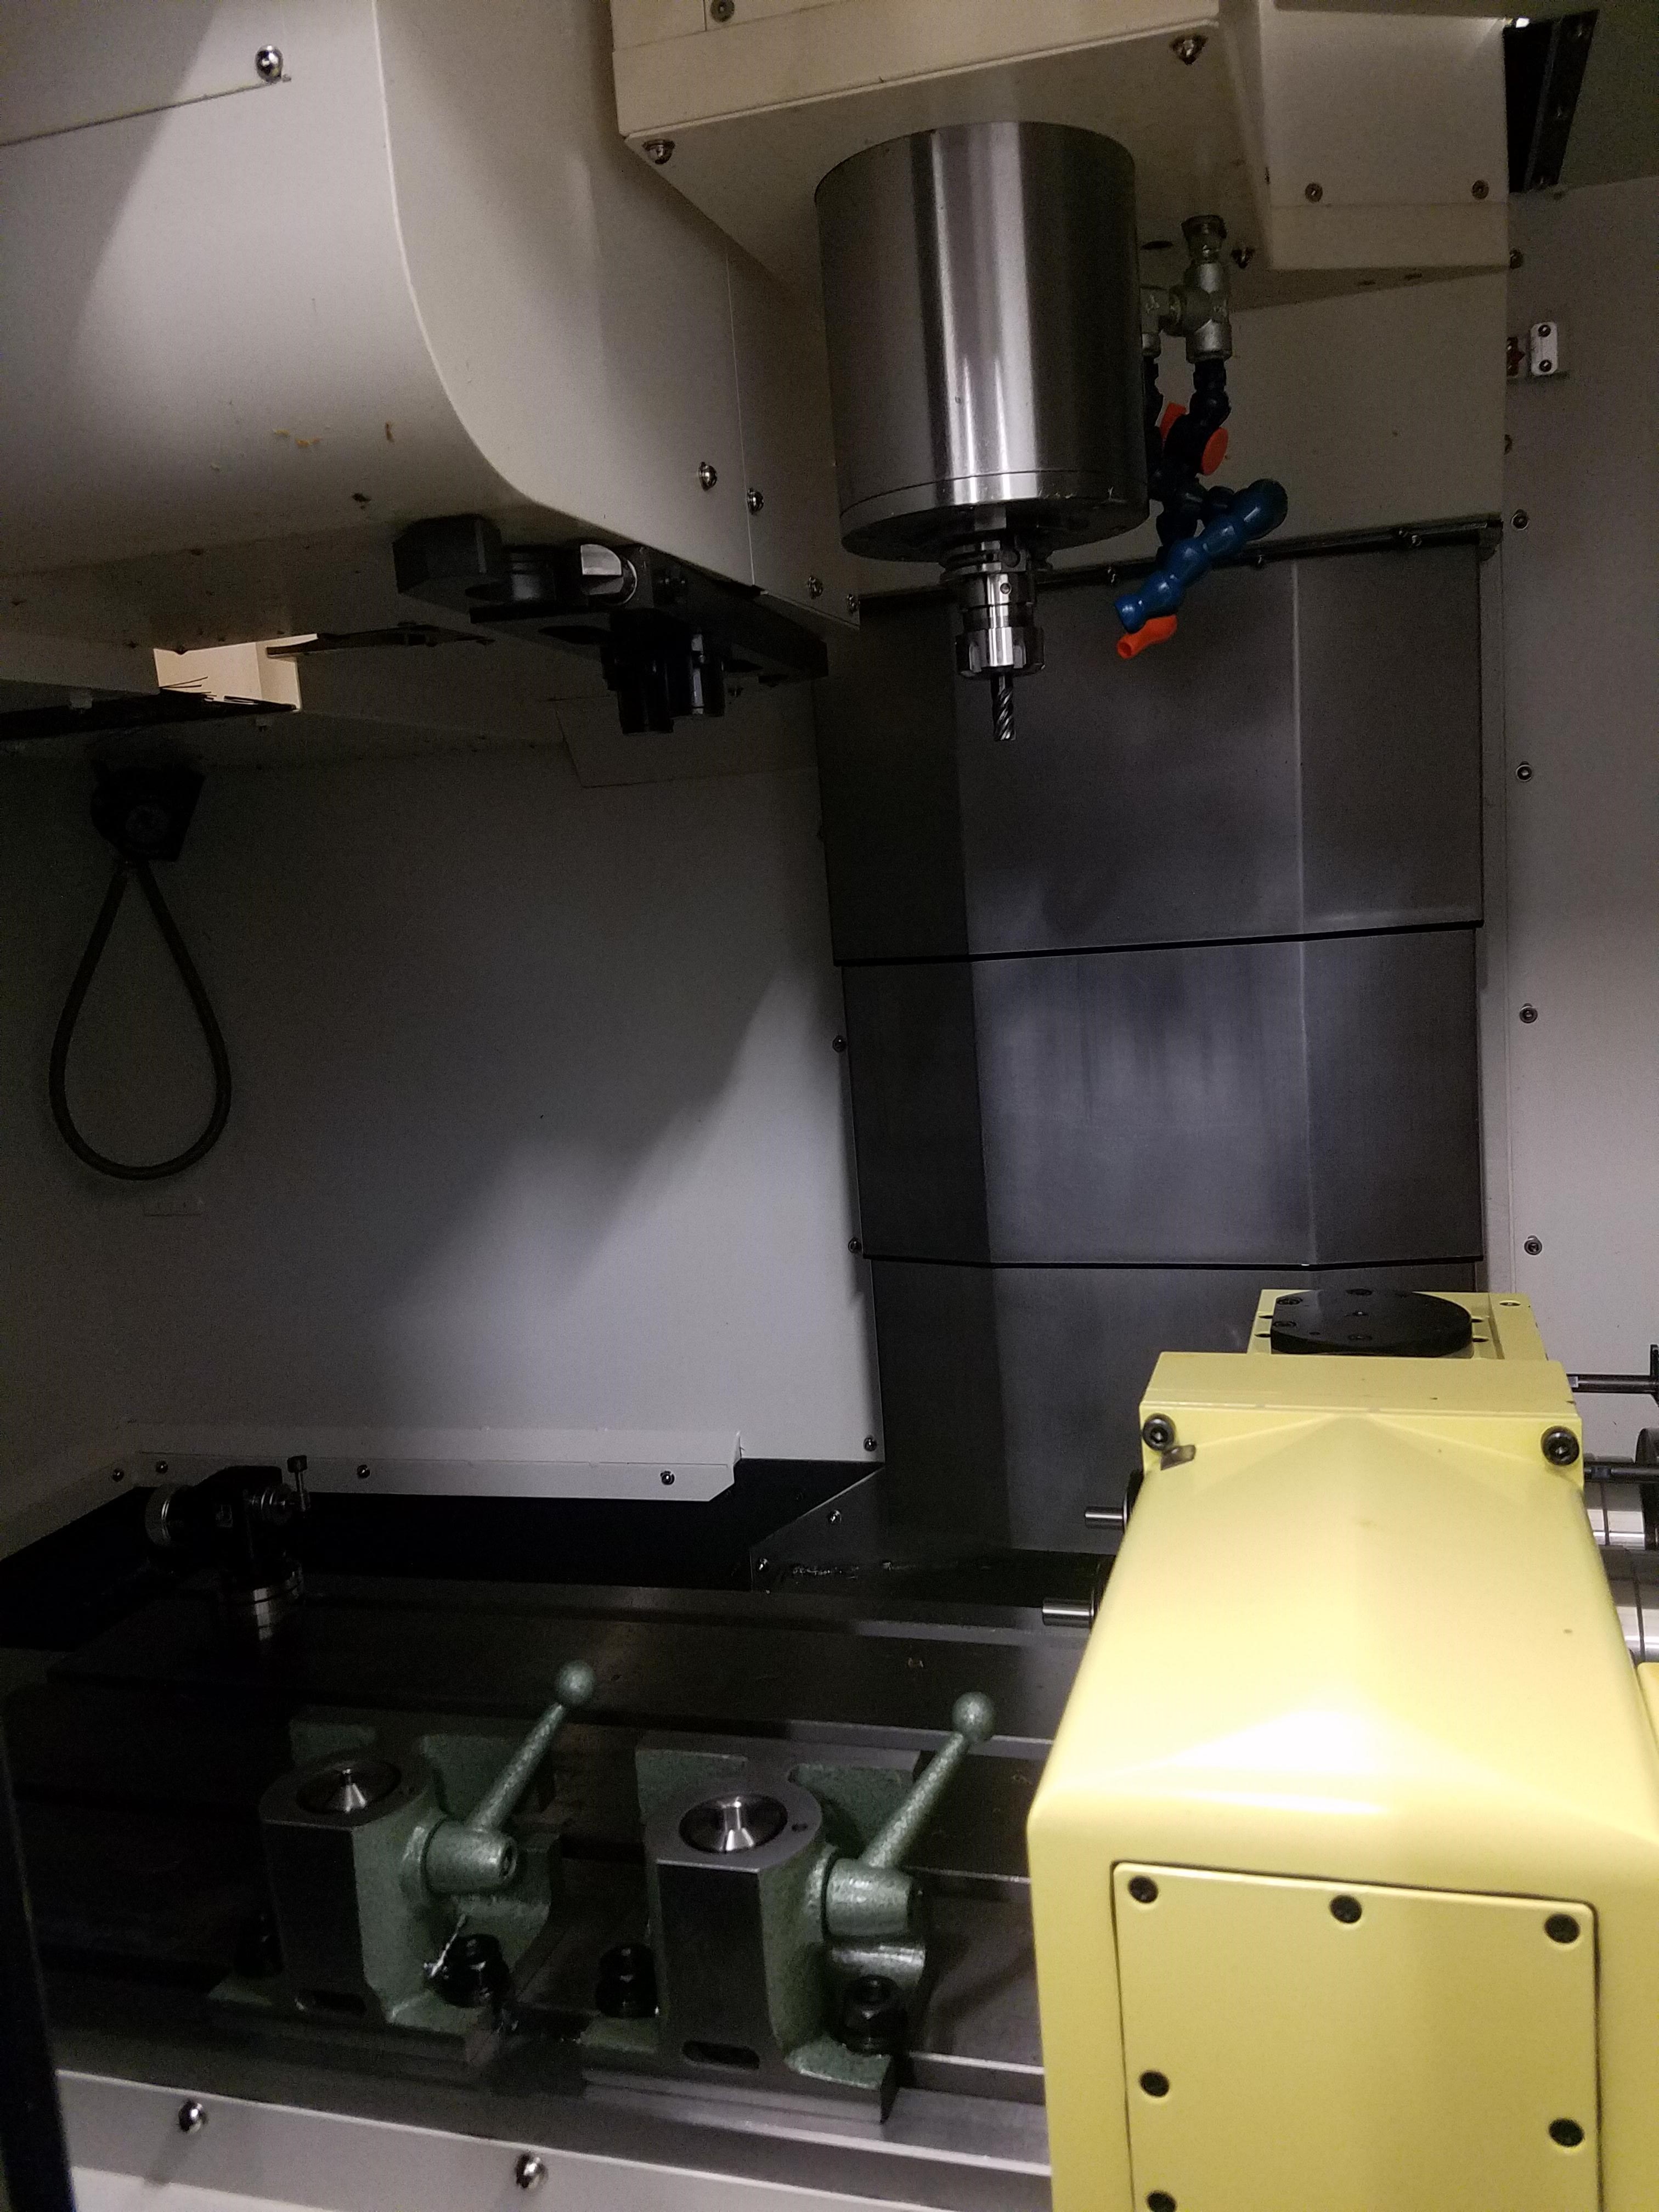 Hyundai Wia F400 3-axis twin 4th axis CNC Vertical Machining Center